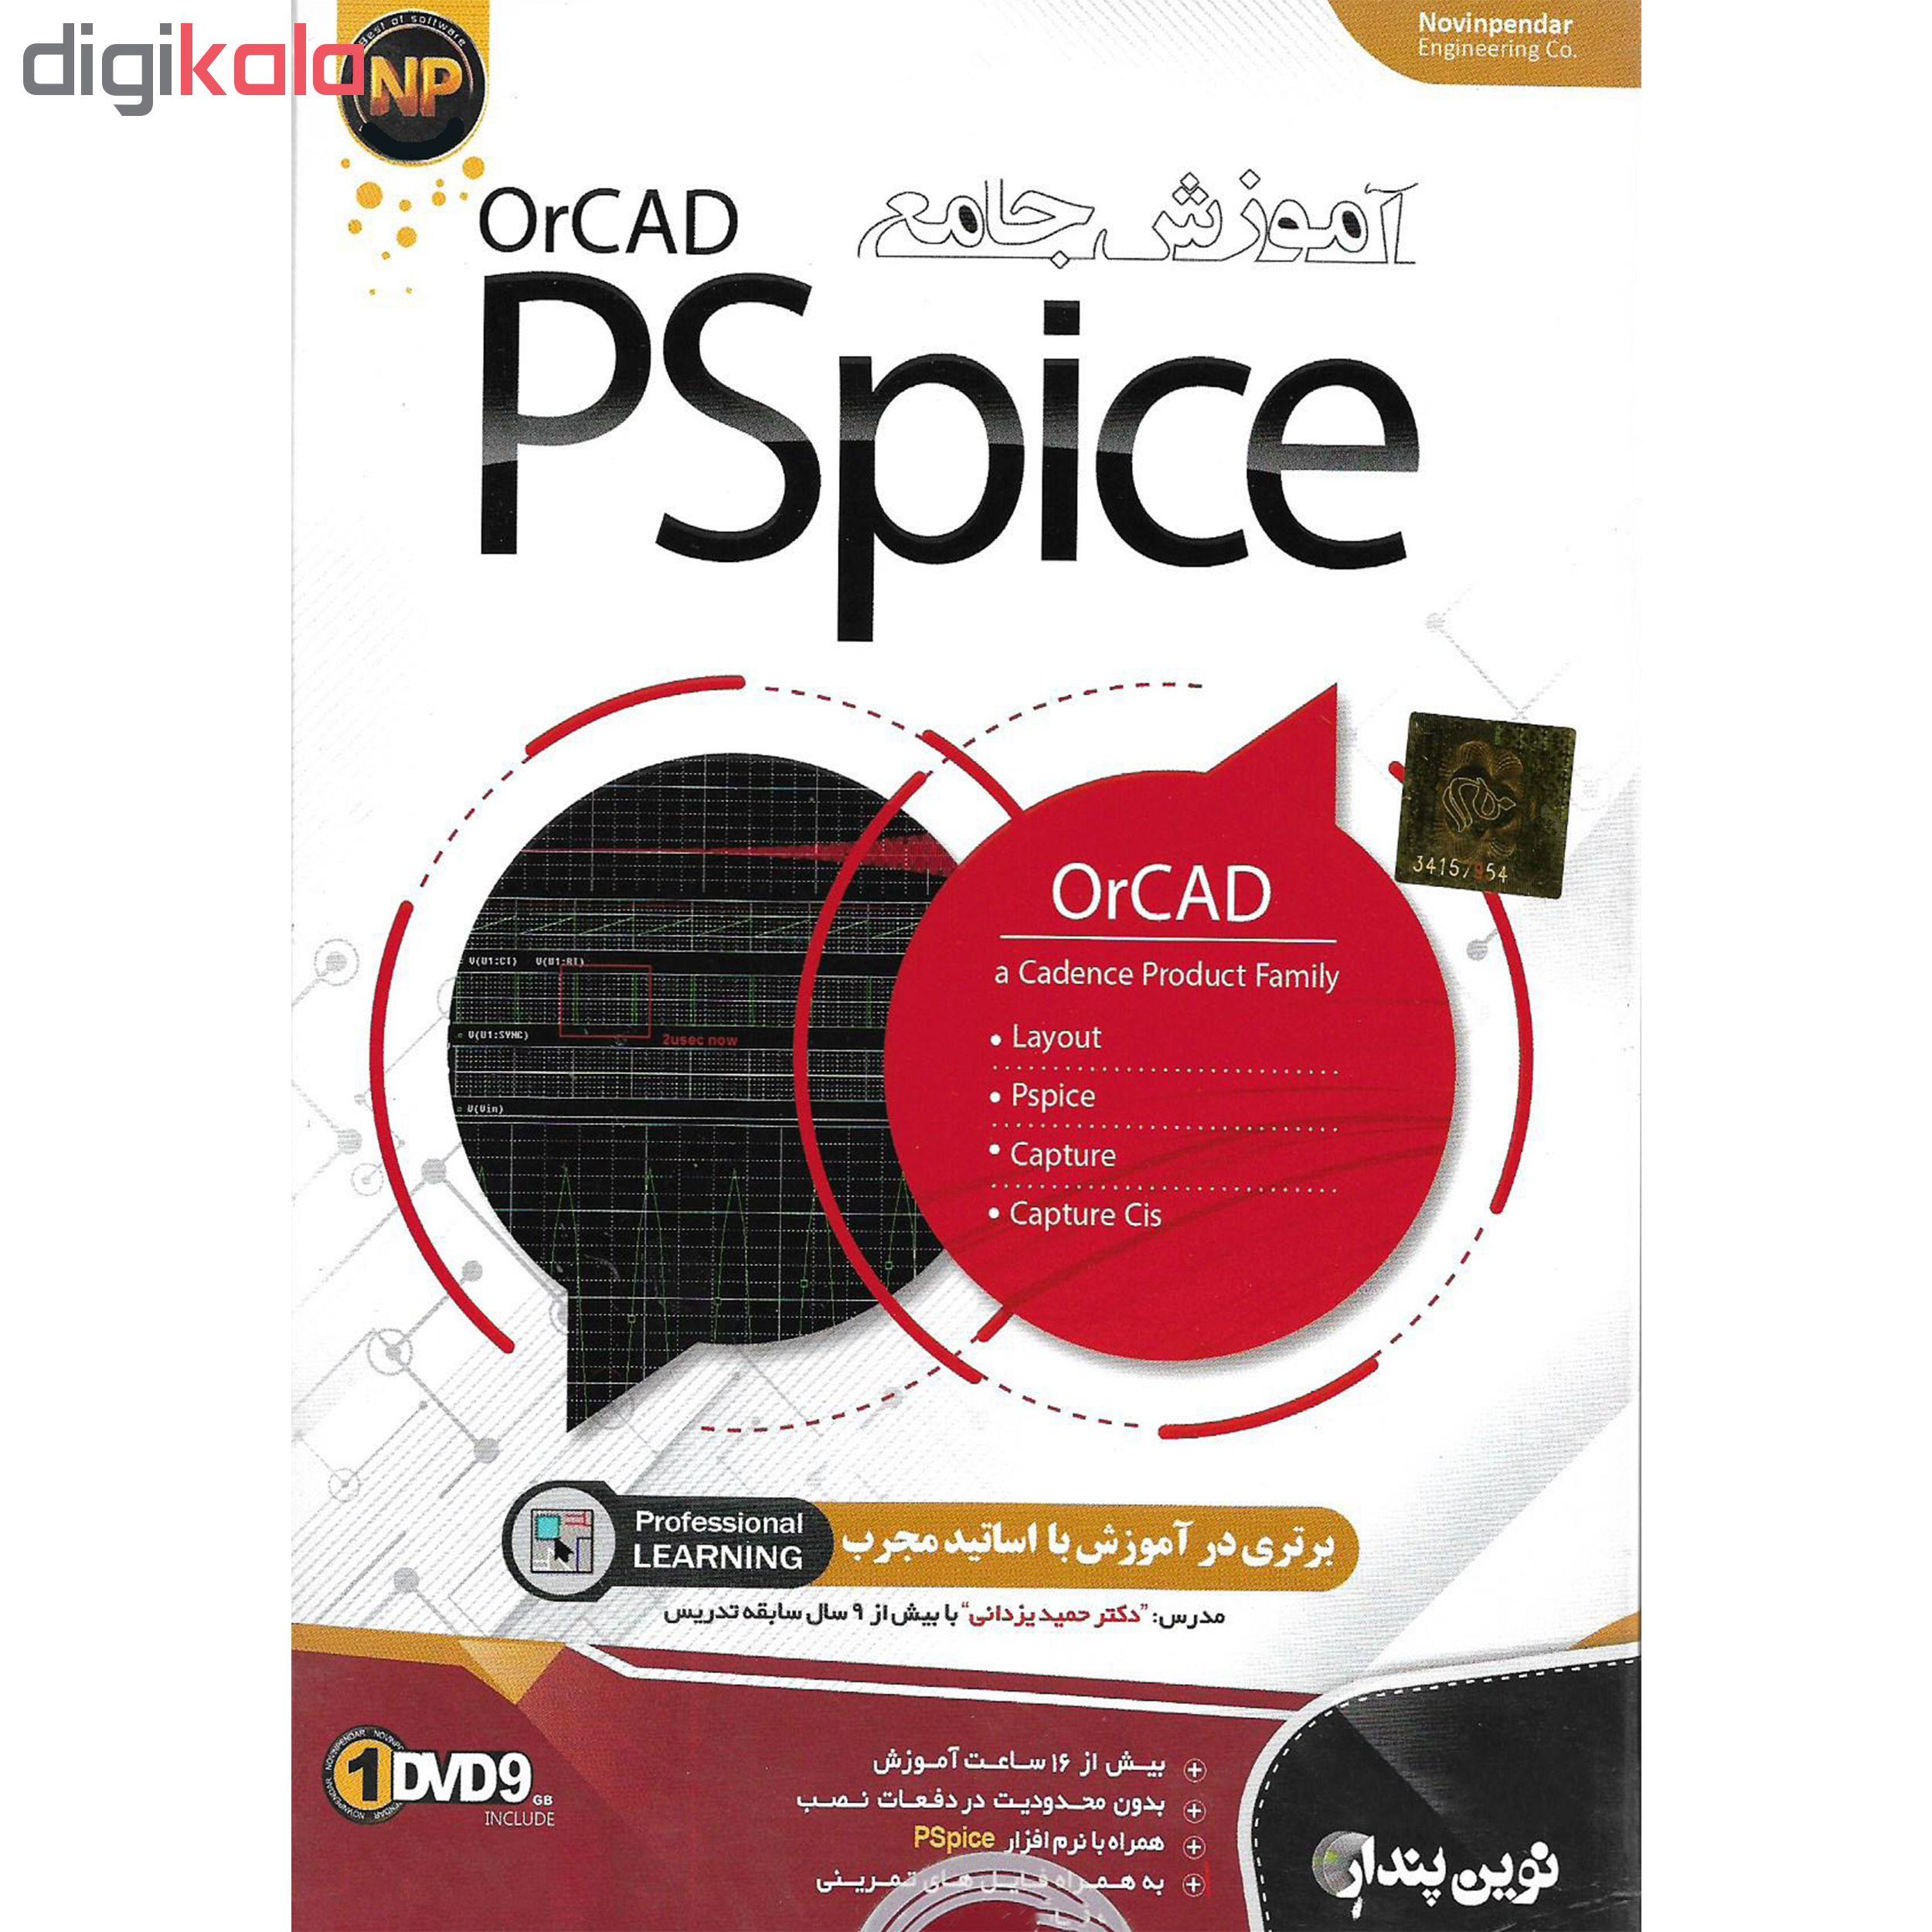 نرم افزار آموزش ORCAD PSpice نشر نوین پندار به همراه نرم افزار آموزش PROTEUS PRO نشر پدیده